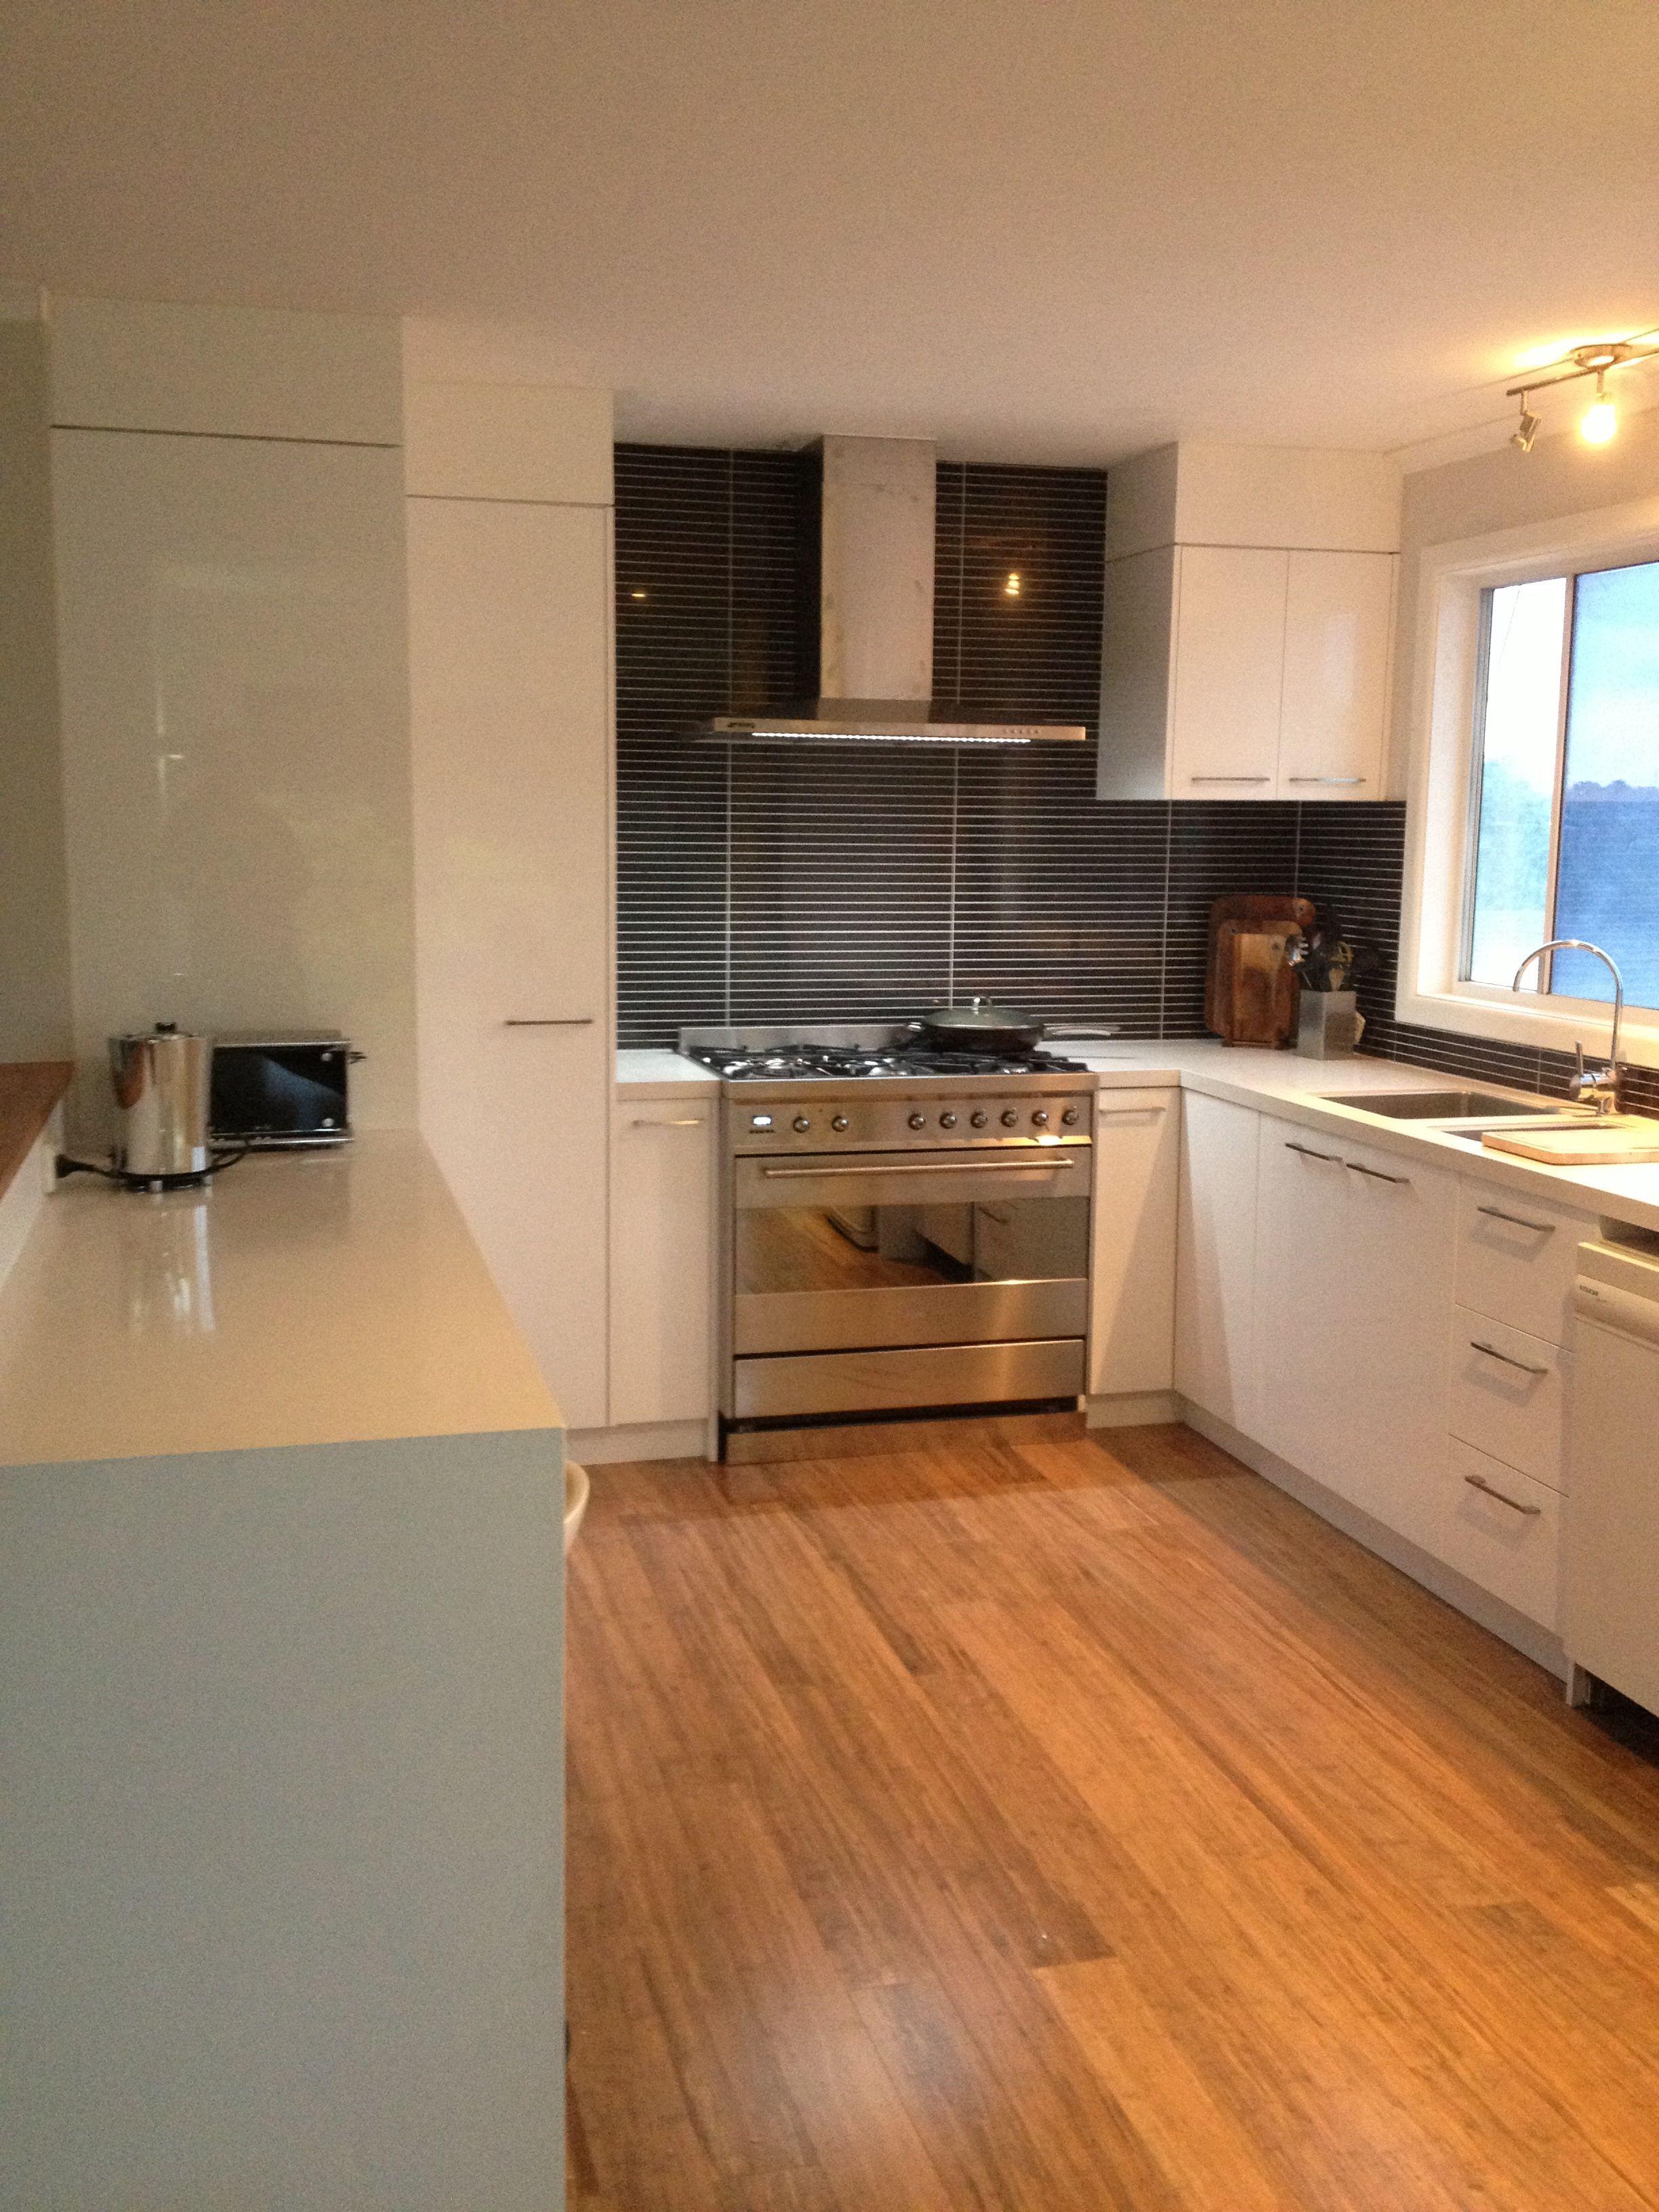 White gloss kitchen, bamboo floor, tile splash back